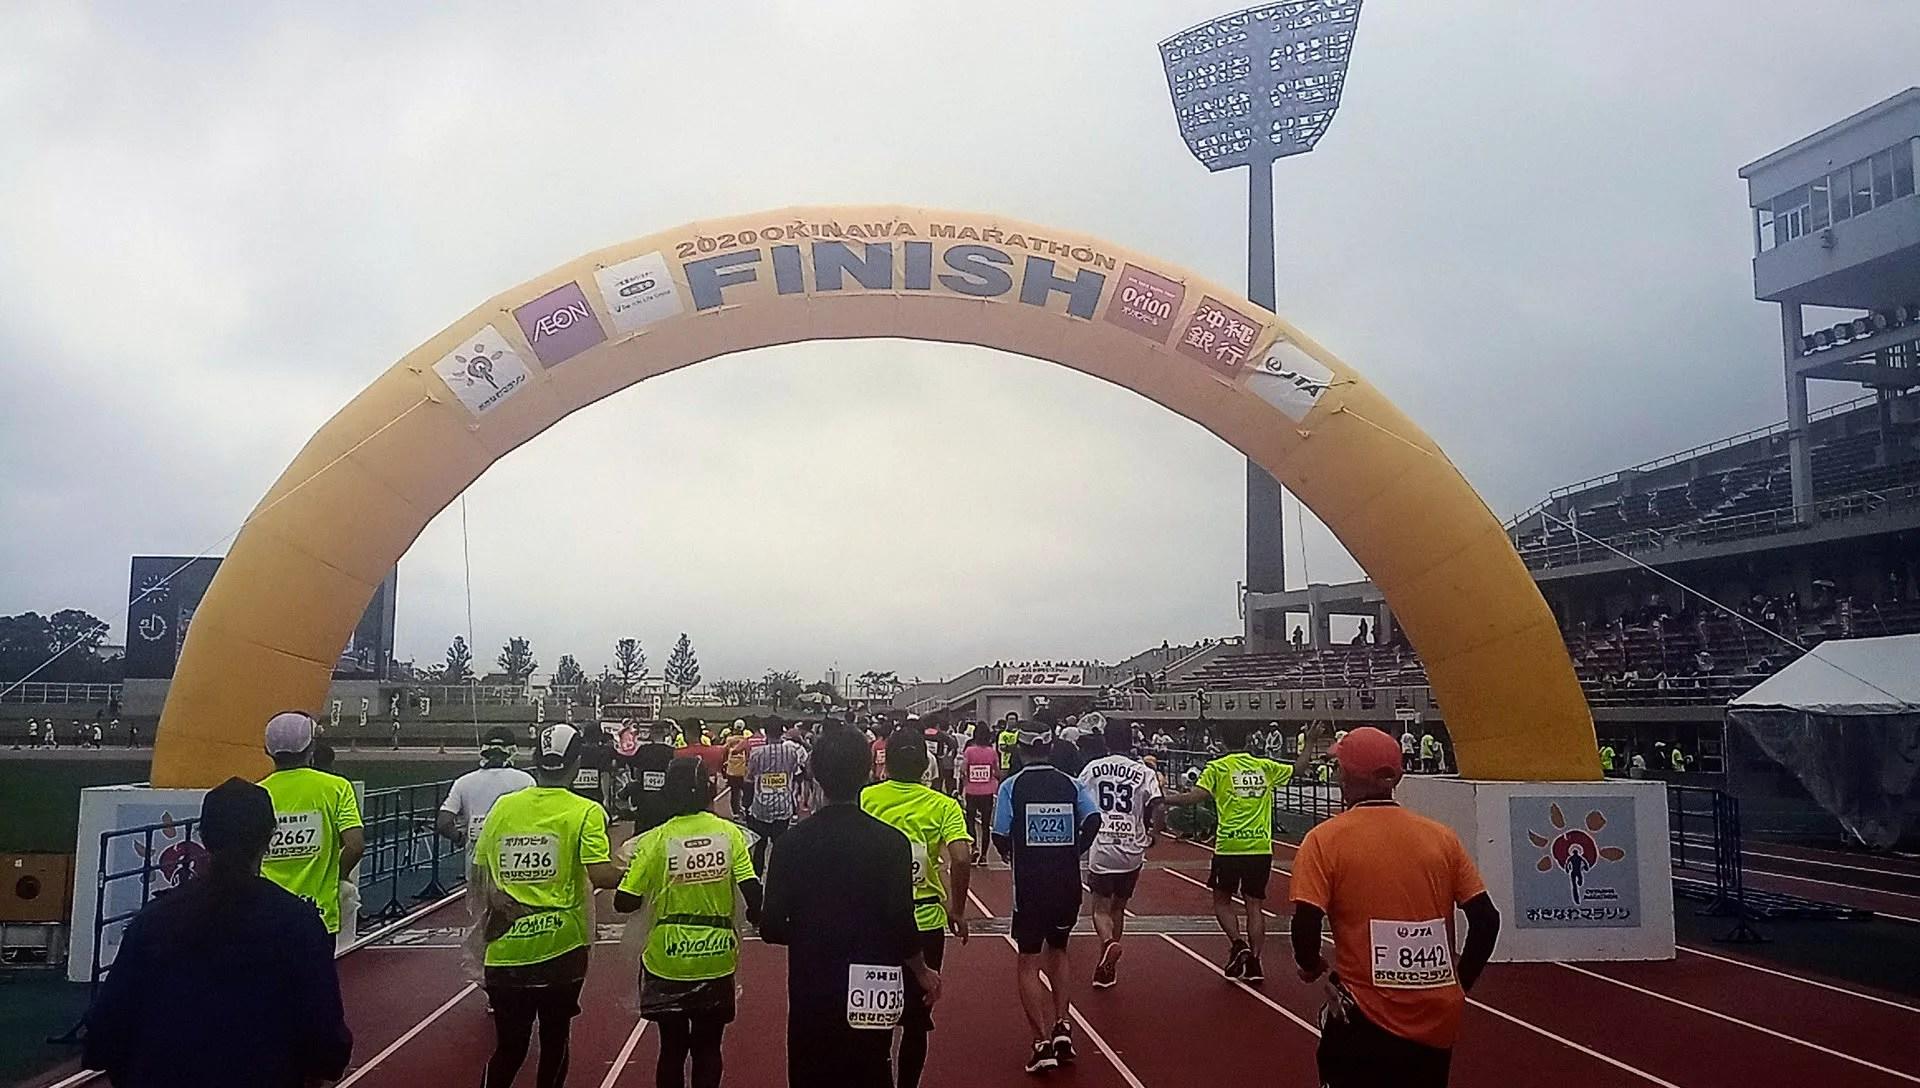 the Okinawa Marathon goal